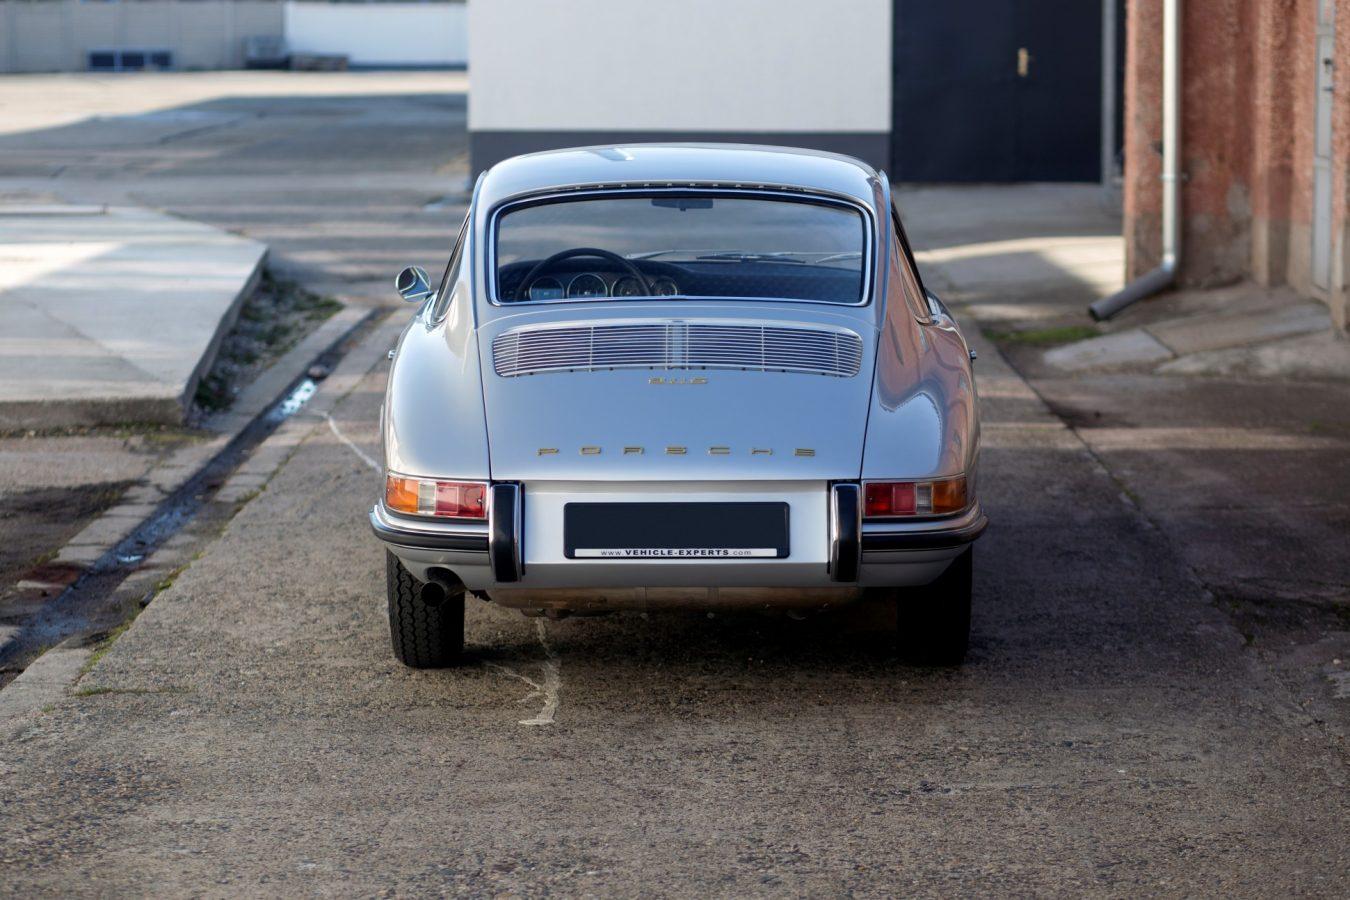 Silberner Porsche 911S SWB von hinten